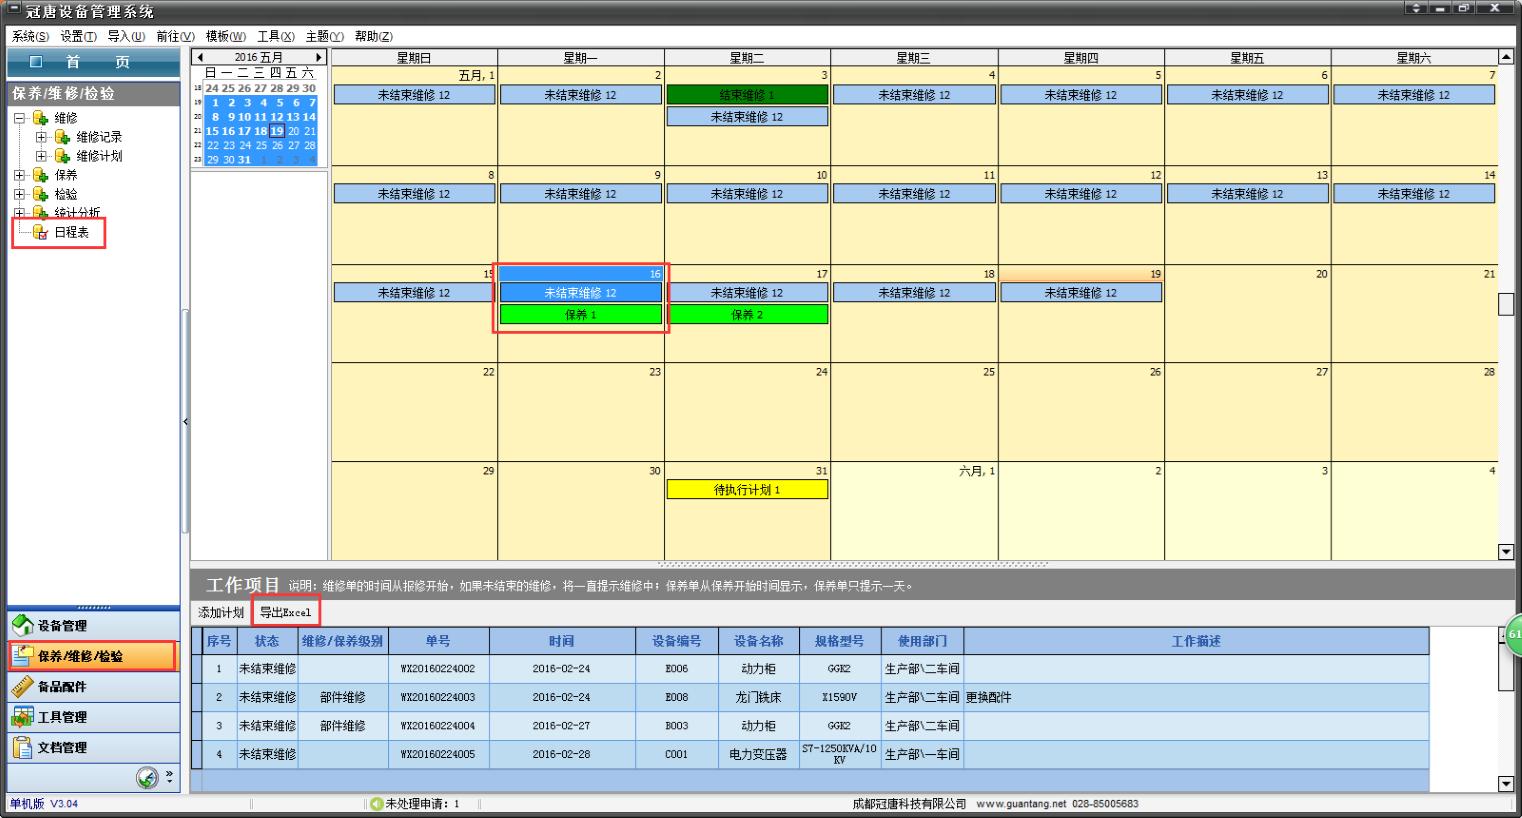 维修、保养日常表管理,可以在日常表里一目了然看到本月的计划安排情况,执行情况,未完成情况等不同状态,也可以直接选择具体日期在日程表里添加相应的计划。并能直接查看计划的执行详情情况。导出相应的每一天计划的情况。